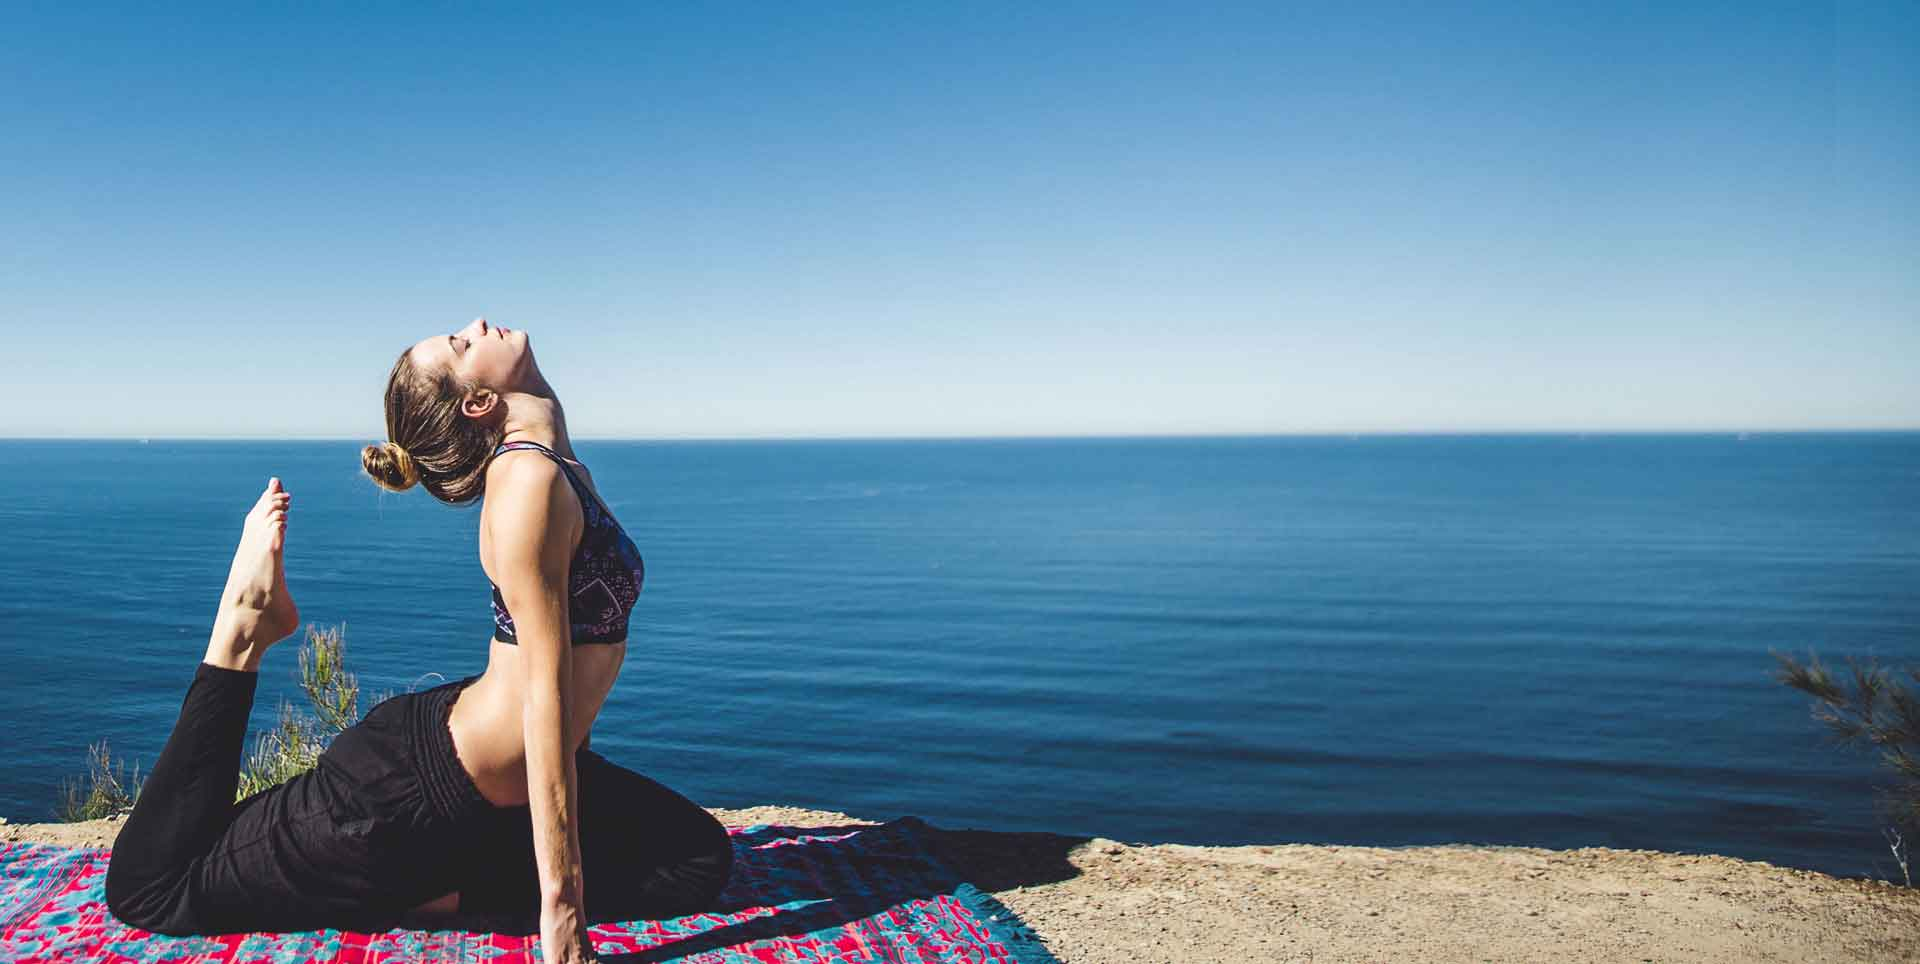 Meditierst Du schon? - Die Kraft der Stille und inneren Ordnung